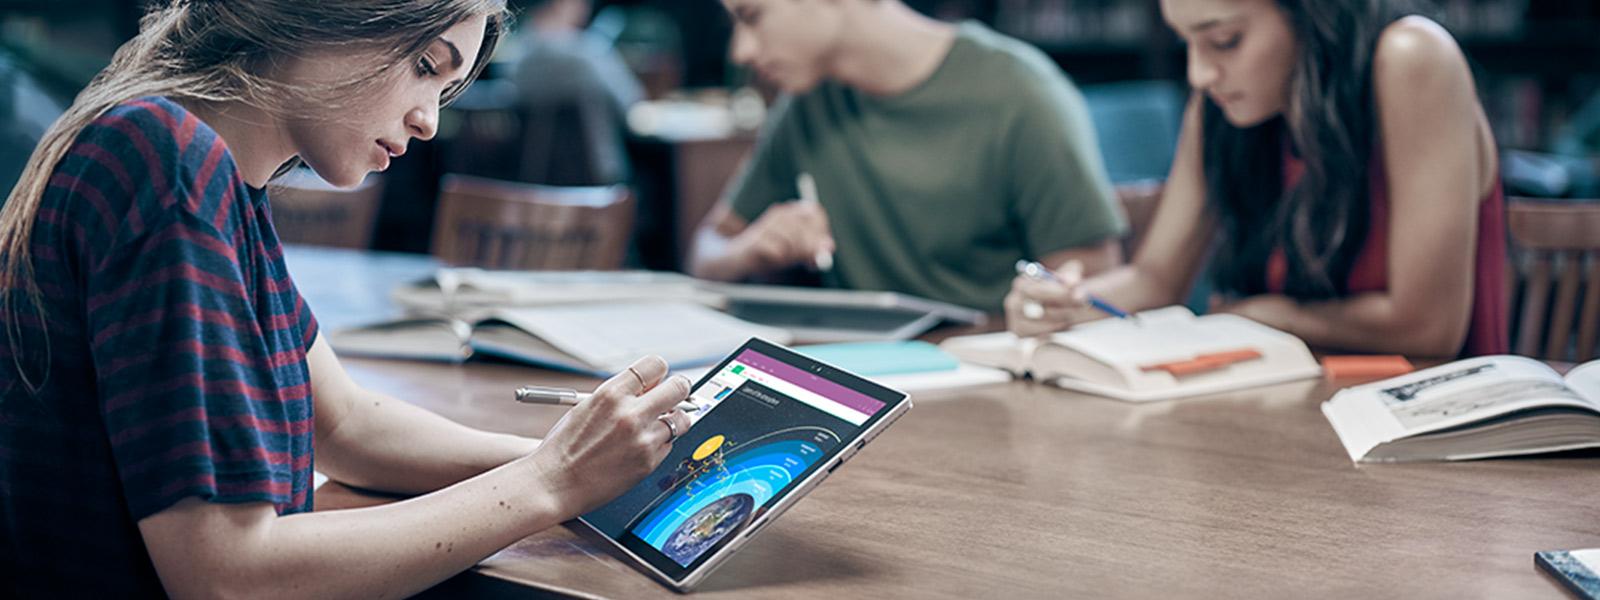 طالب يعمل على جهاز Surface Pro 4 في مكتبة